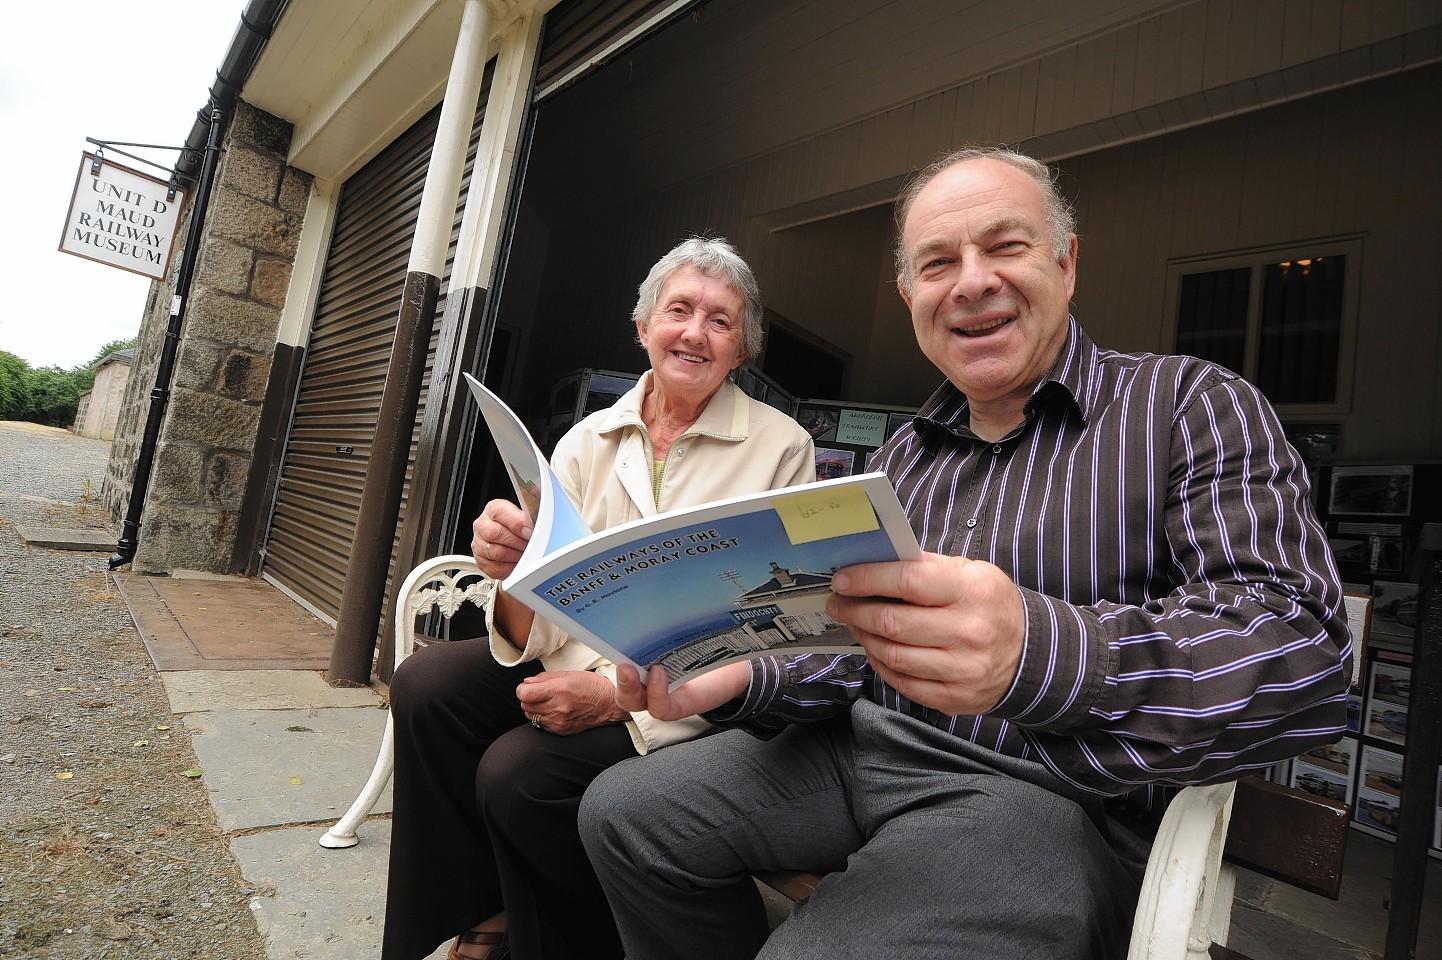 Railway museum volunteer Keith Jones with visitor Alice Duncan